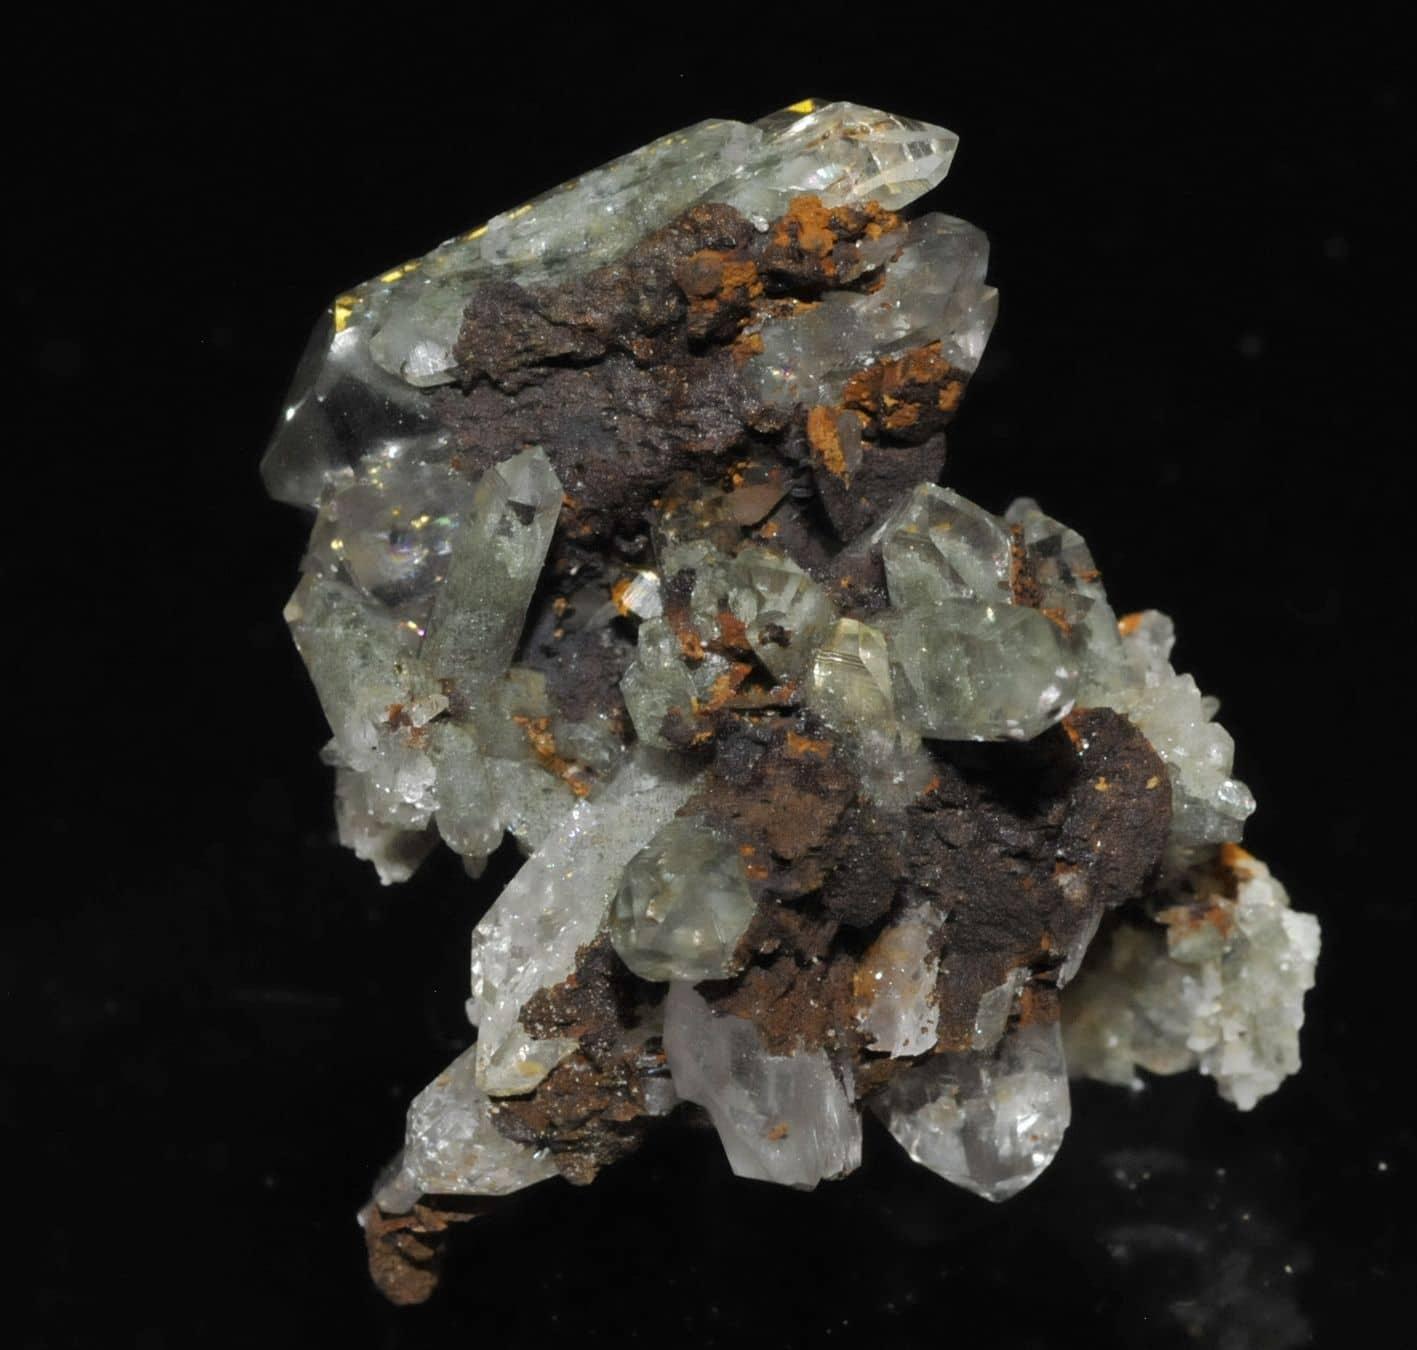 Cristaux fantômes de quartz des Rochers des Enclaves près de Beaufort en Savoie.